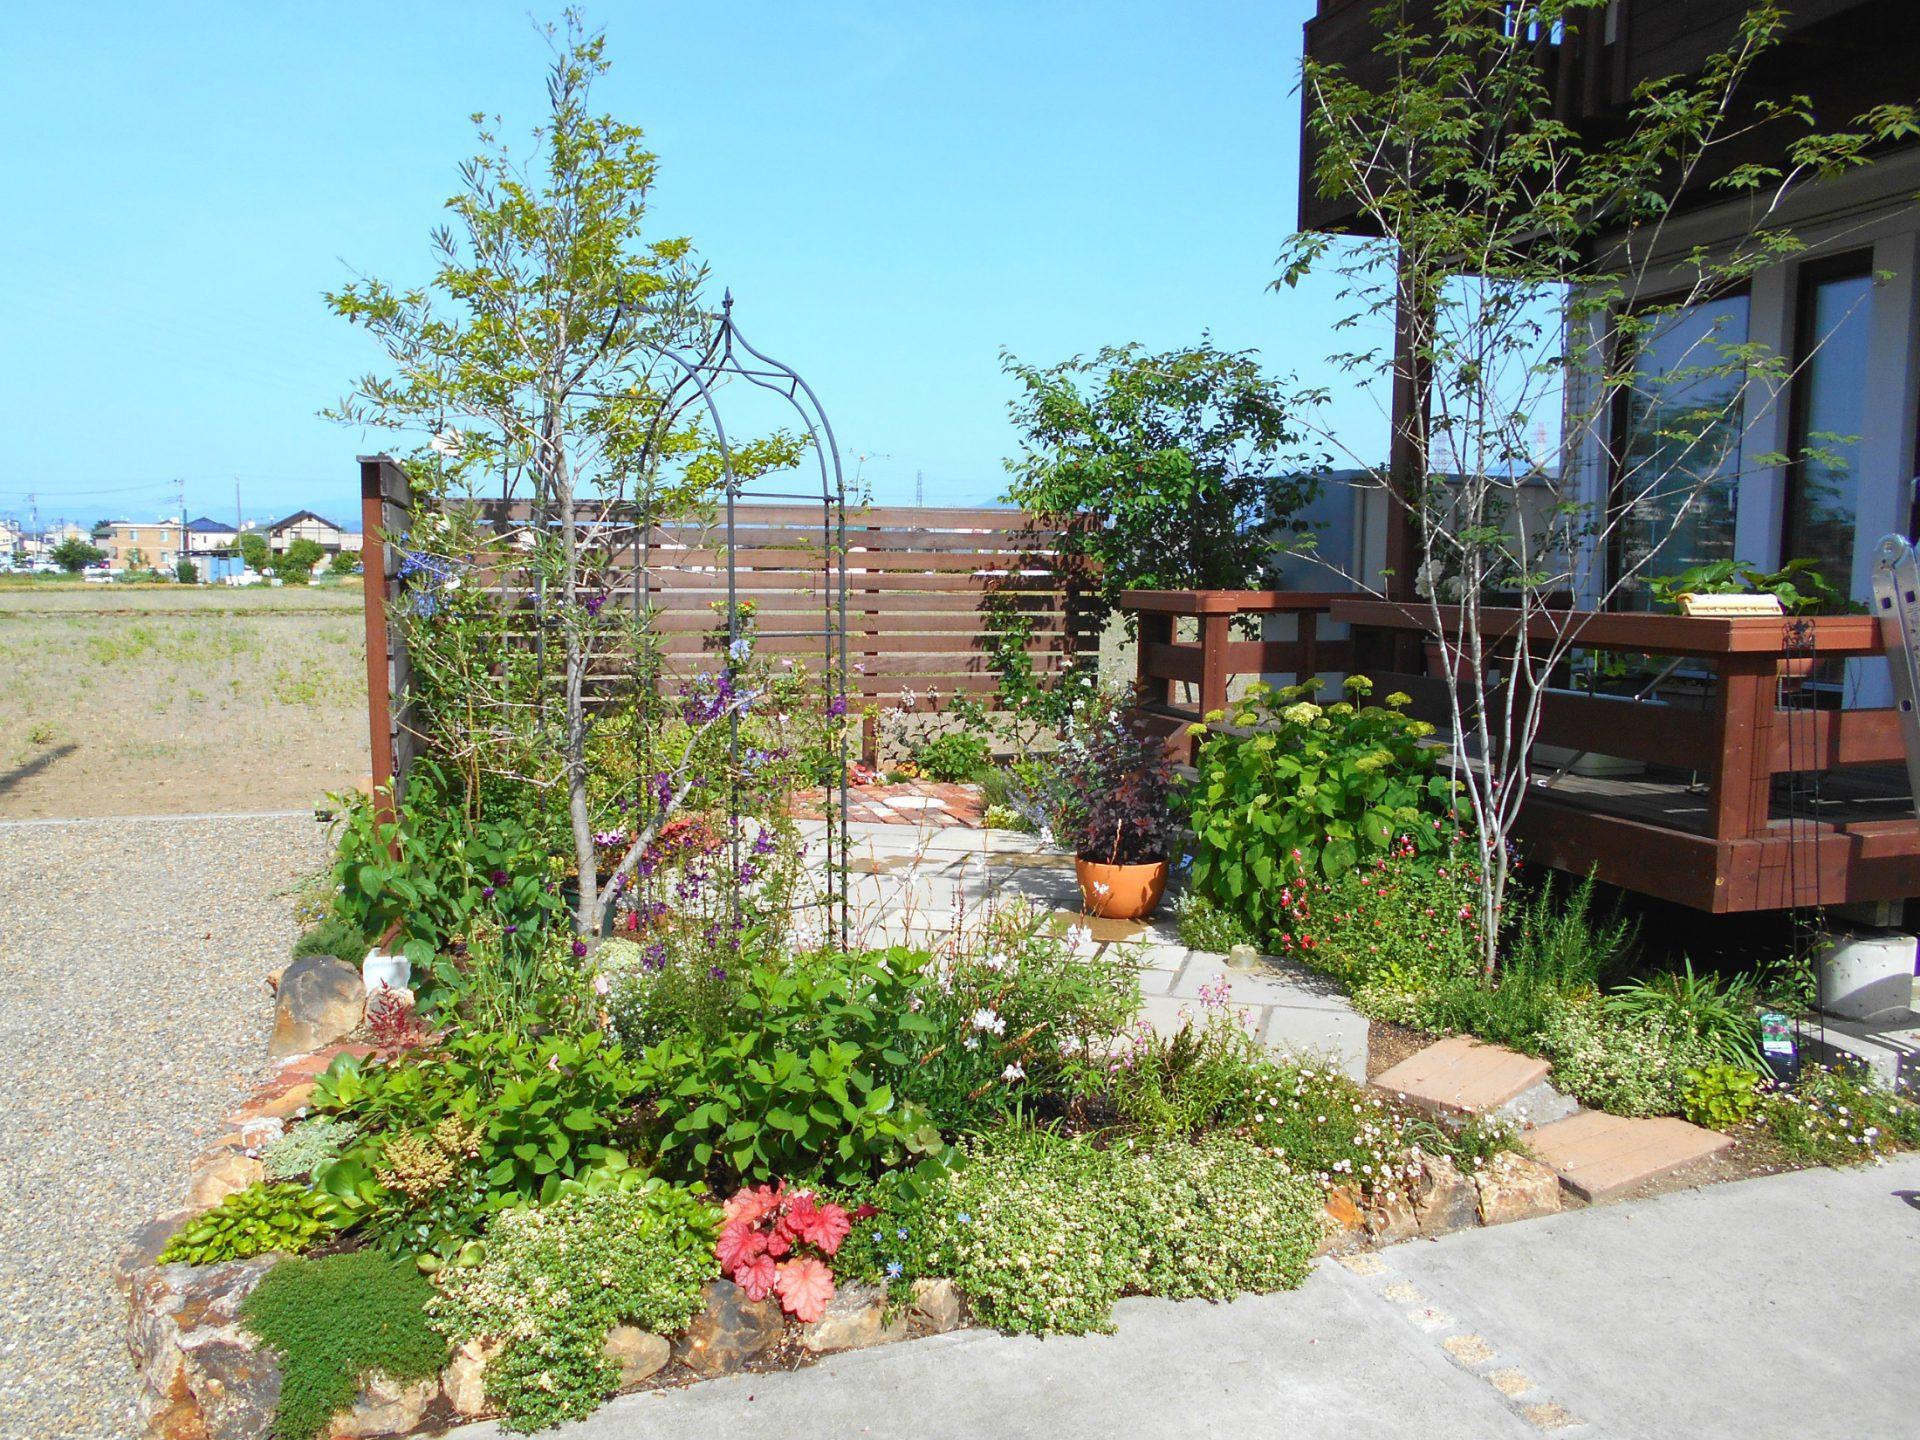 ガーデニングがステキなお庭